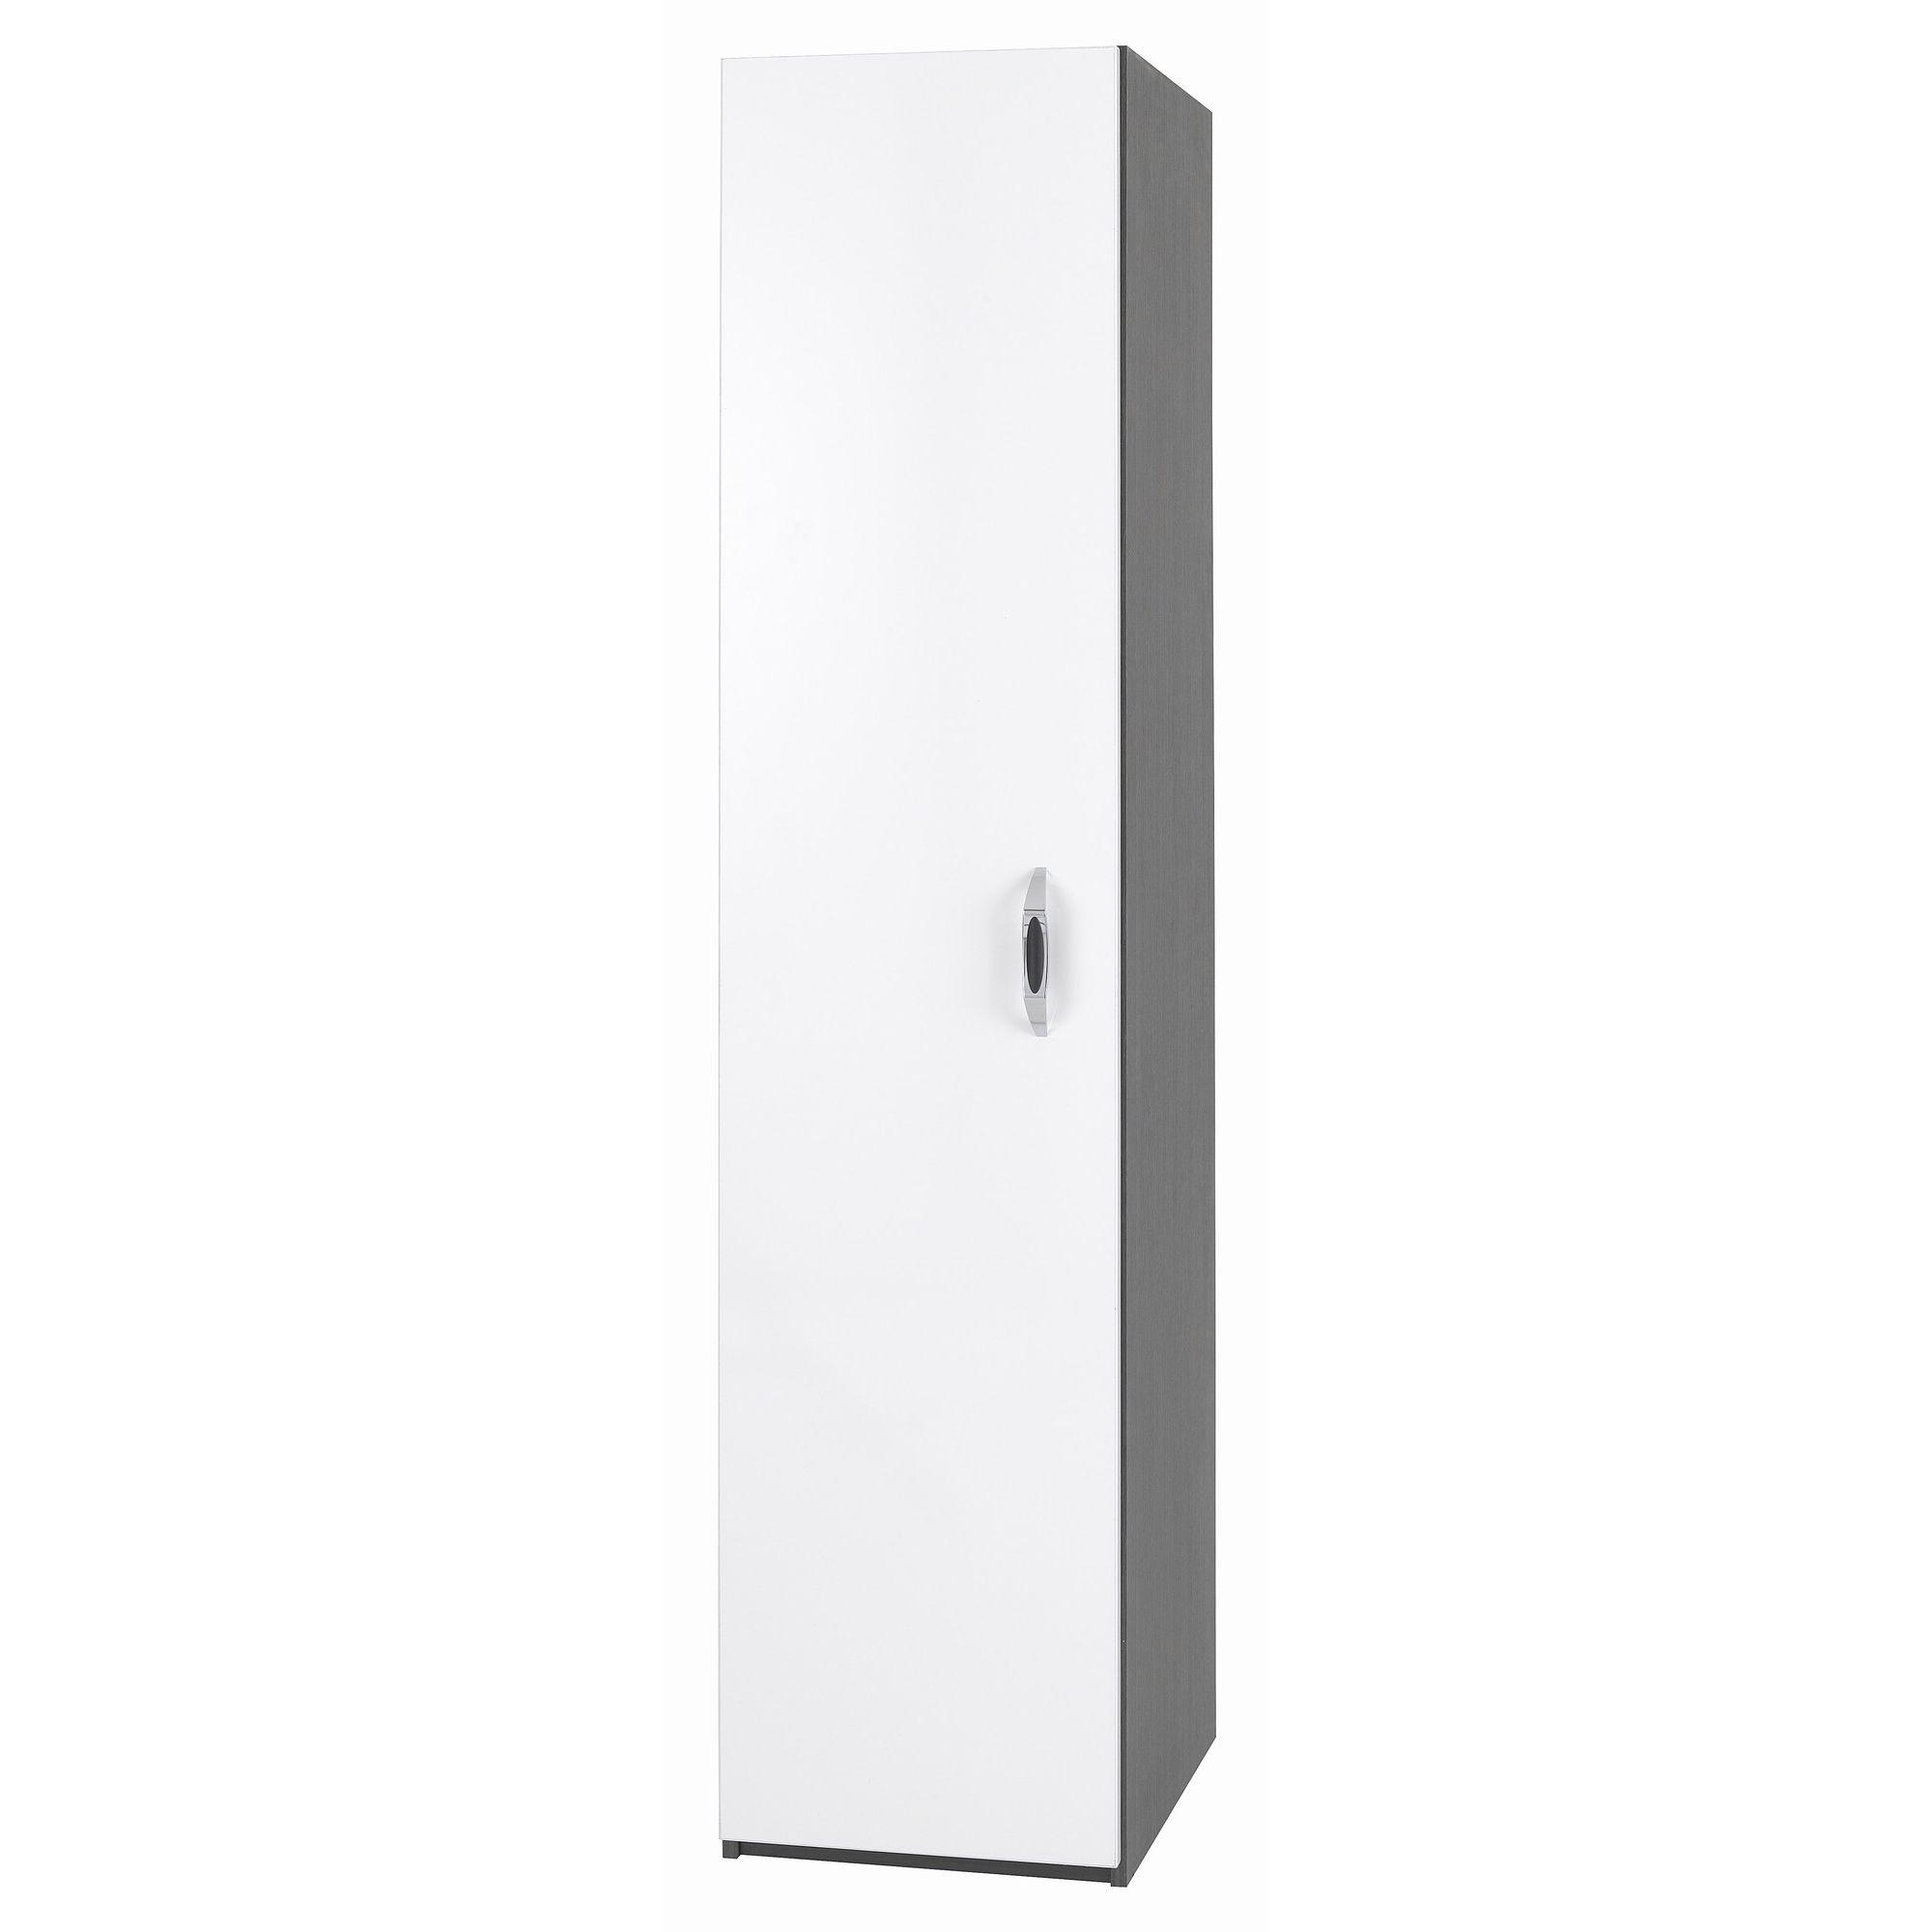 Alto Furniture Mode Piano Single Wardrobe in White at Tesco Direct